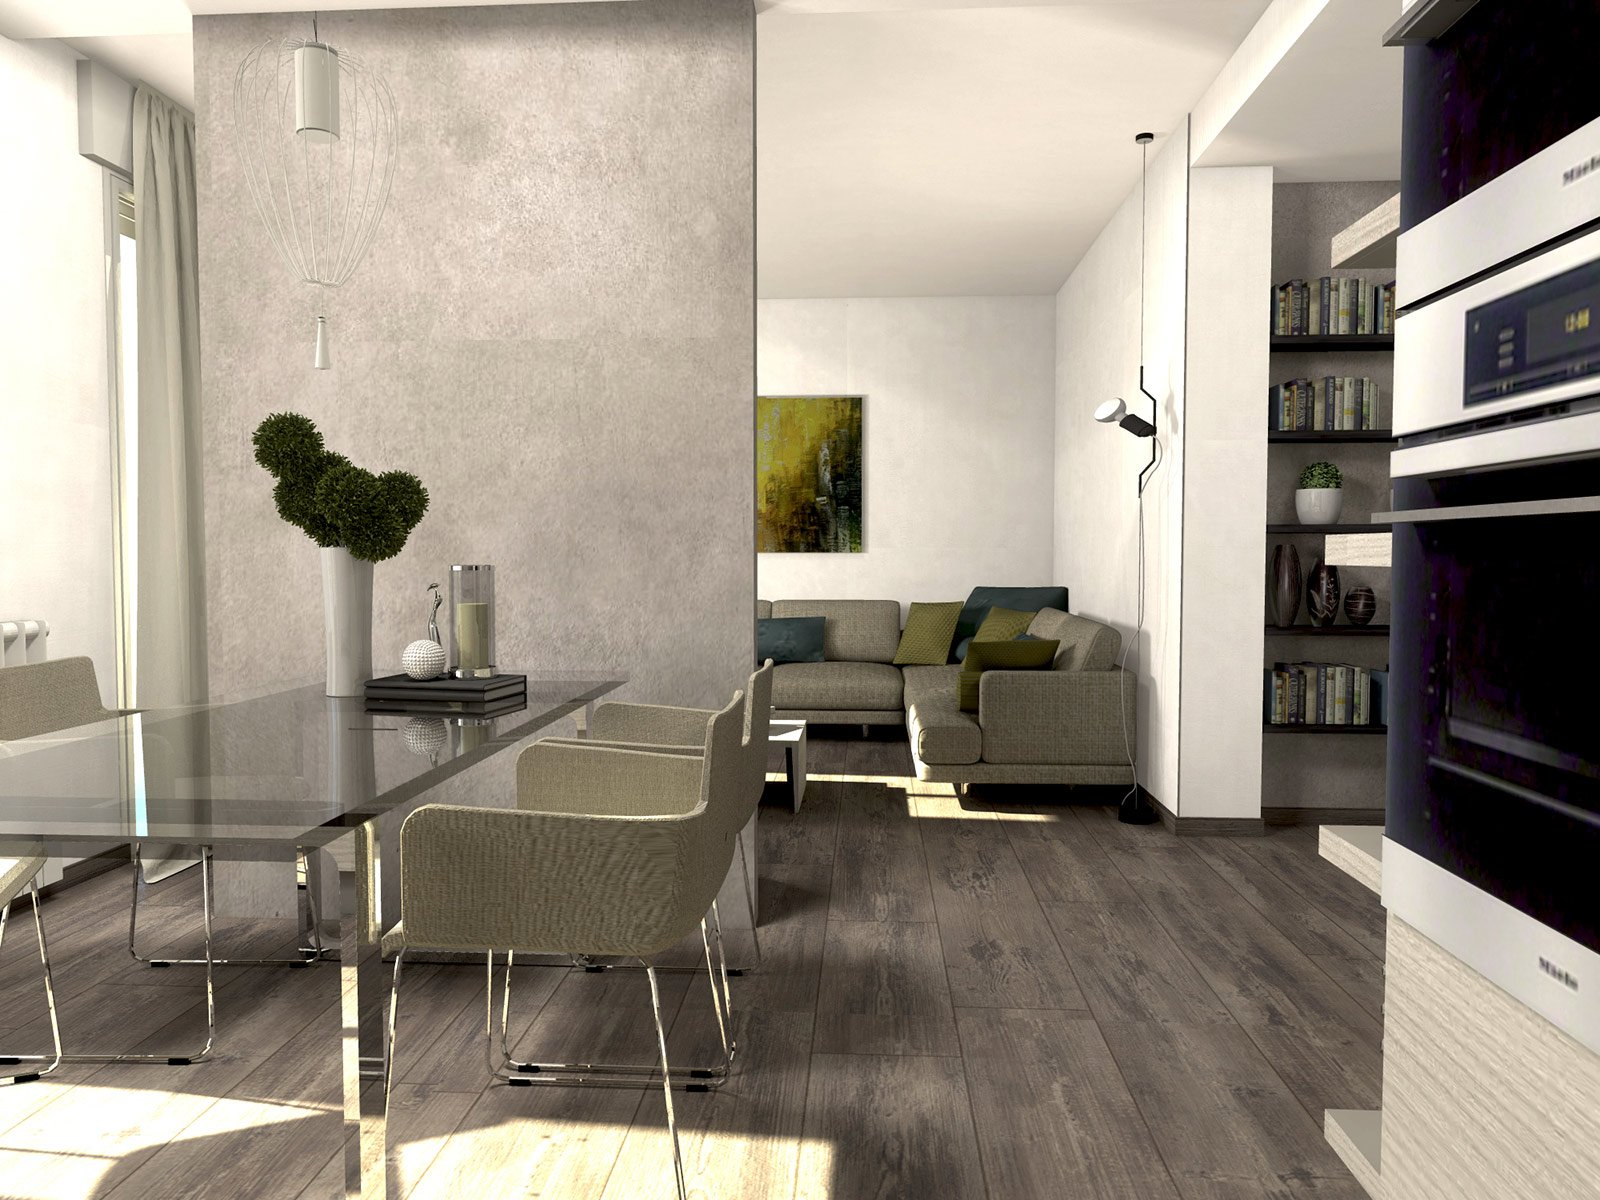 Da casa tradizionale ad abitazione moderna e attuale for Piccoli progetti di casa gratuiti